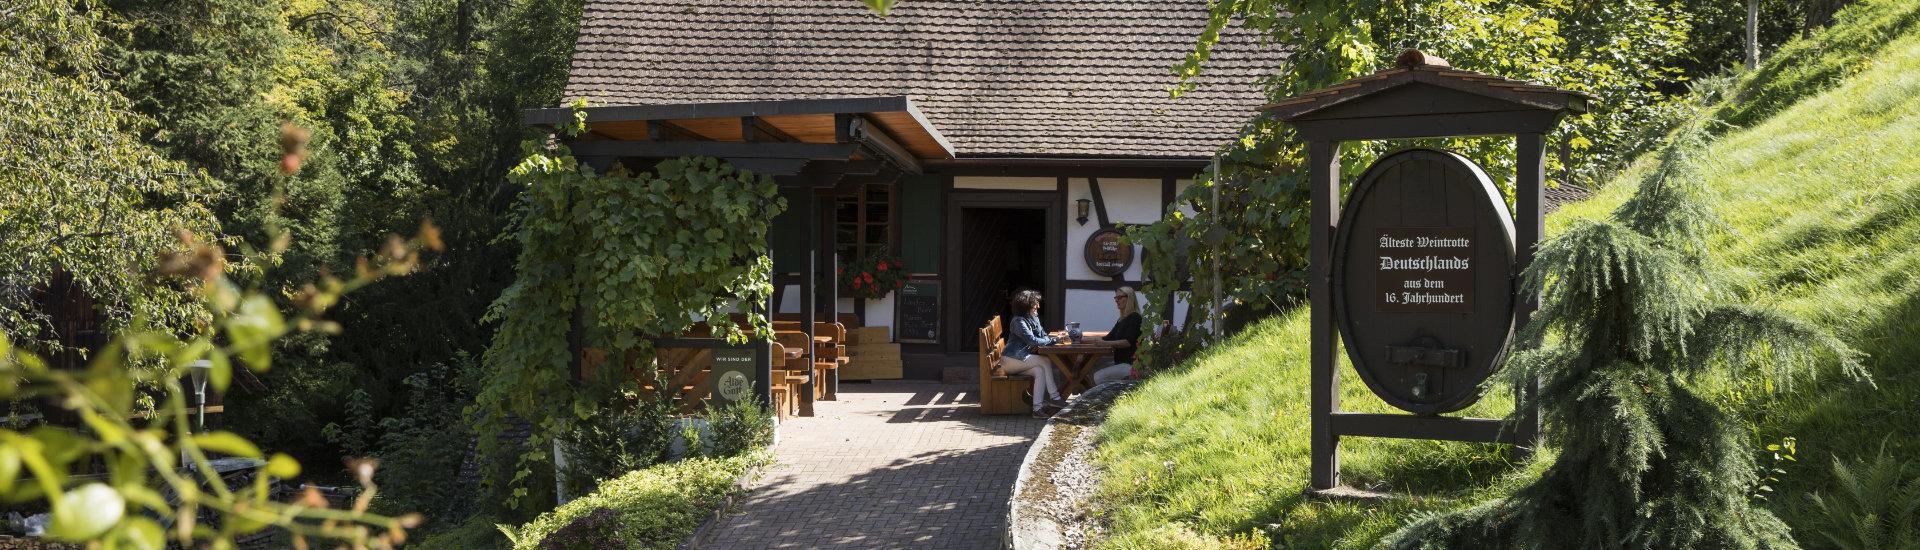 Foto: Alte Trotte in Lauf: Älteste Weintrotte Deutschlands